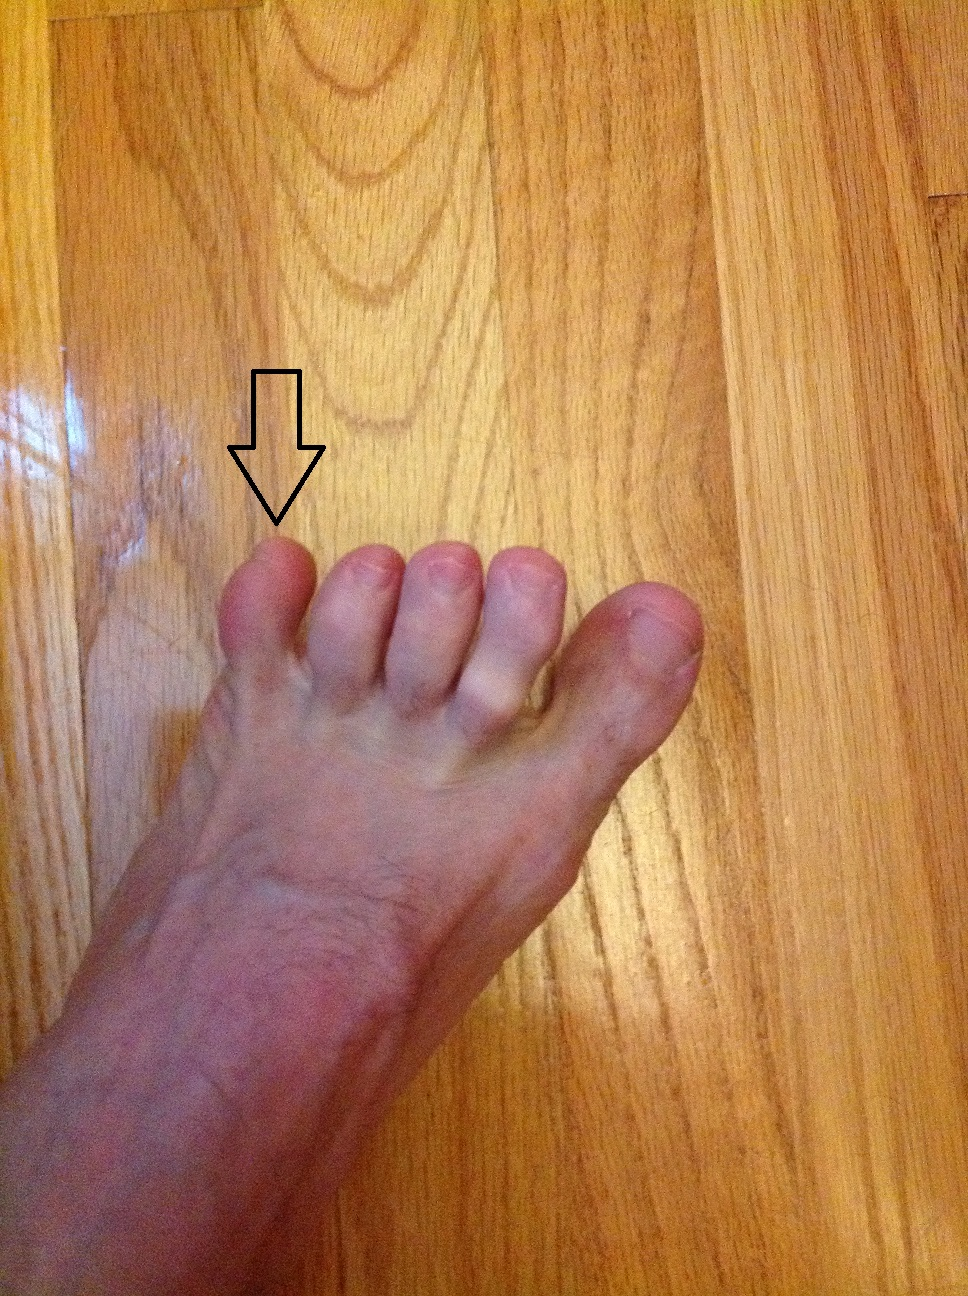 Por que me duelen los dedos de los pies